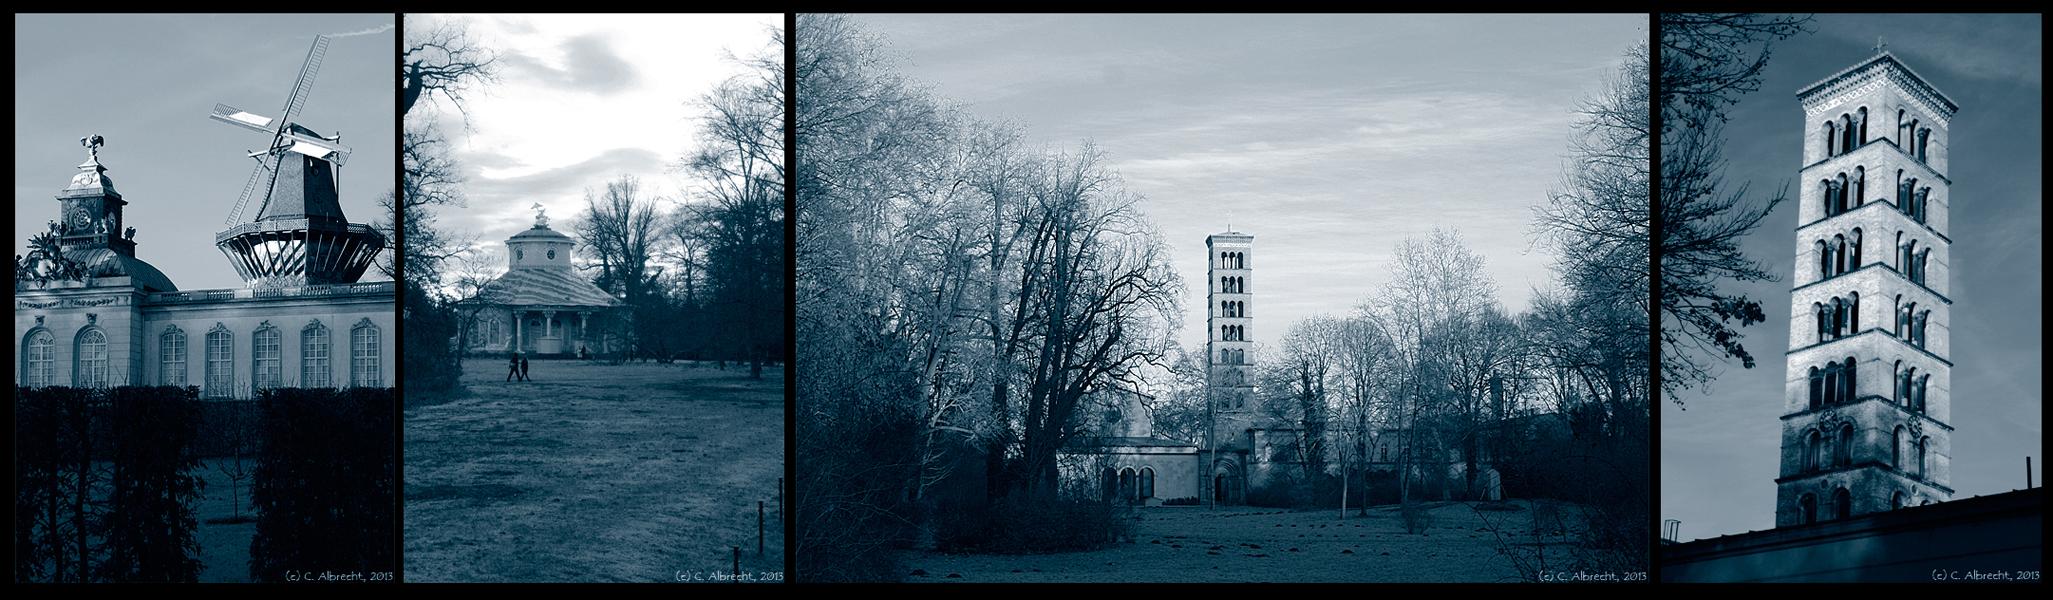 Parkimpressionen: Windmühle, Teehaus, Friedenskirche